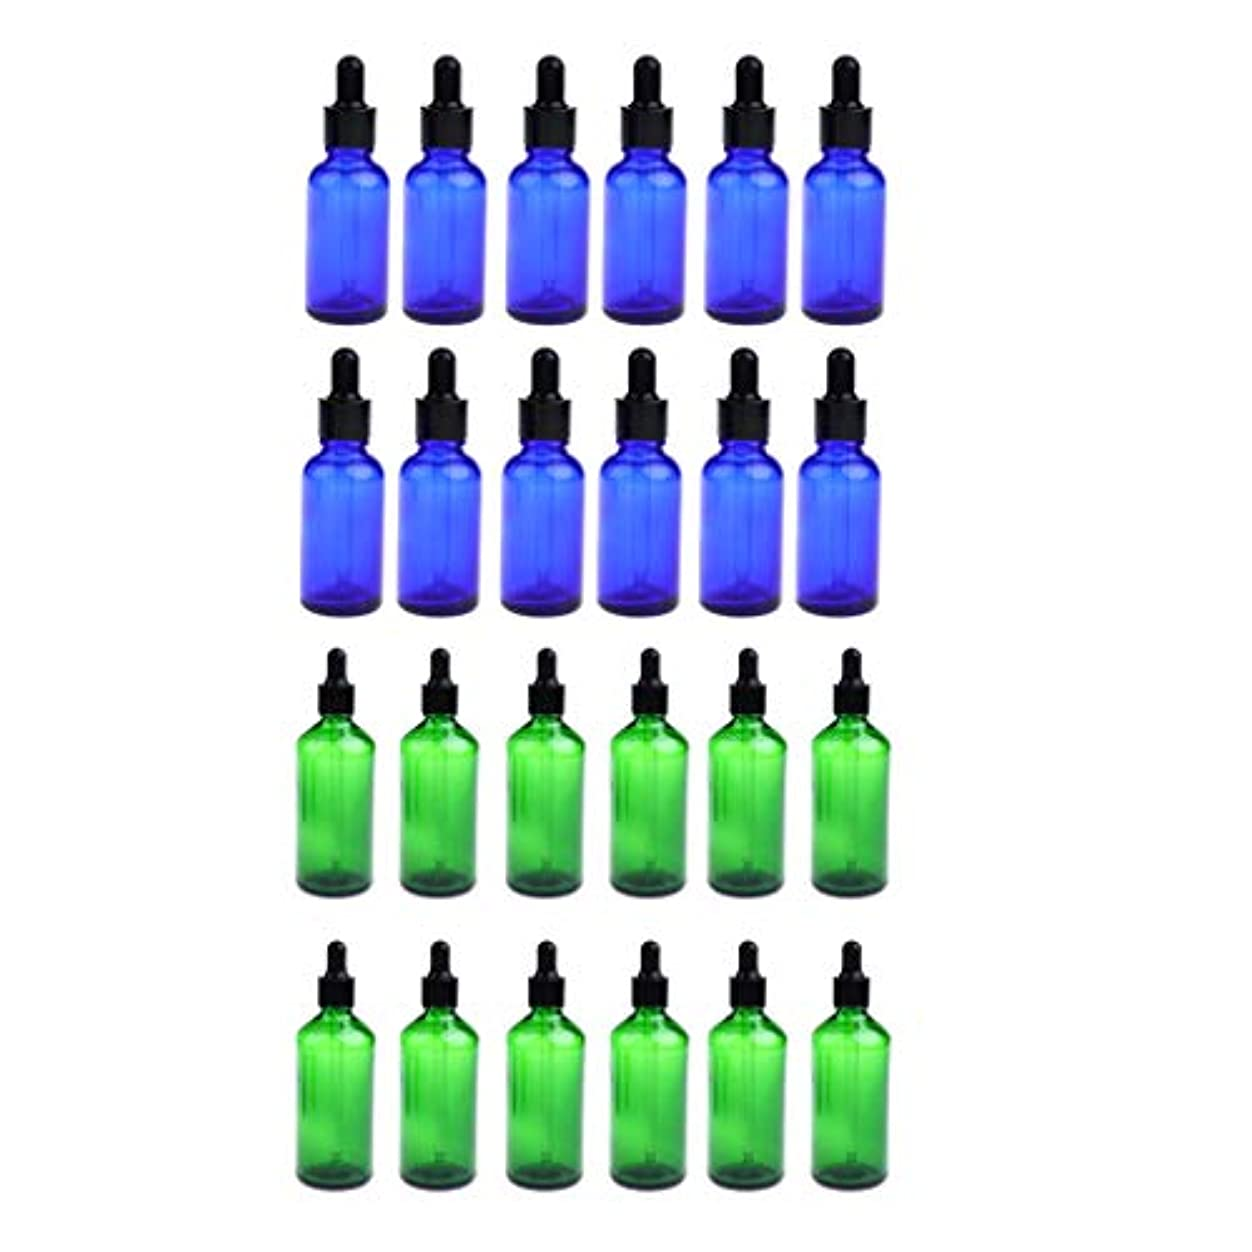 コンパイルサーフィンシェトランド諸島24個 ガラス瓶 アロマボトル 空のボトル 精油瓶 遮光ビン エッセンシャルオイル 詰替え 液体容器 30ミリ 緑+青